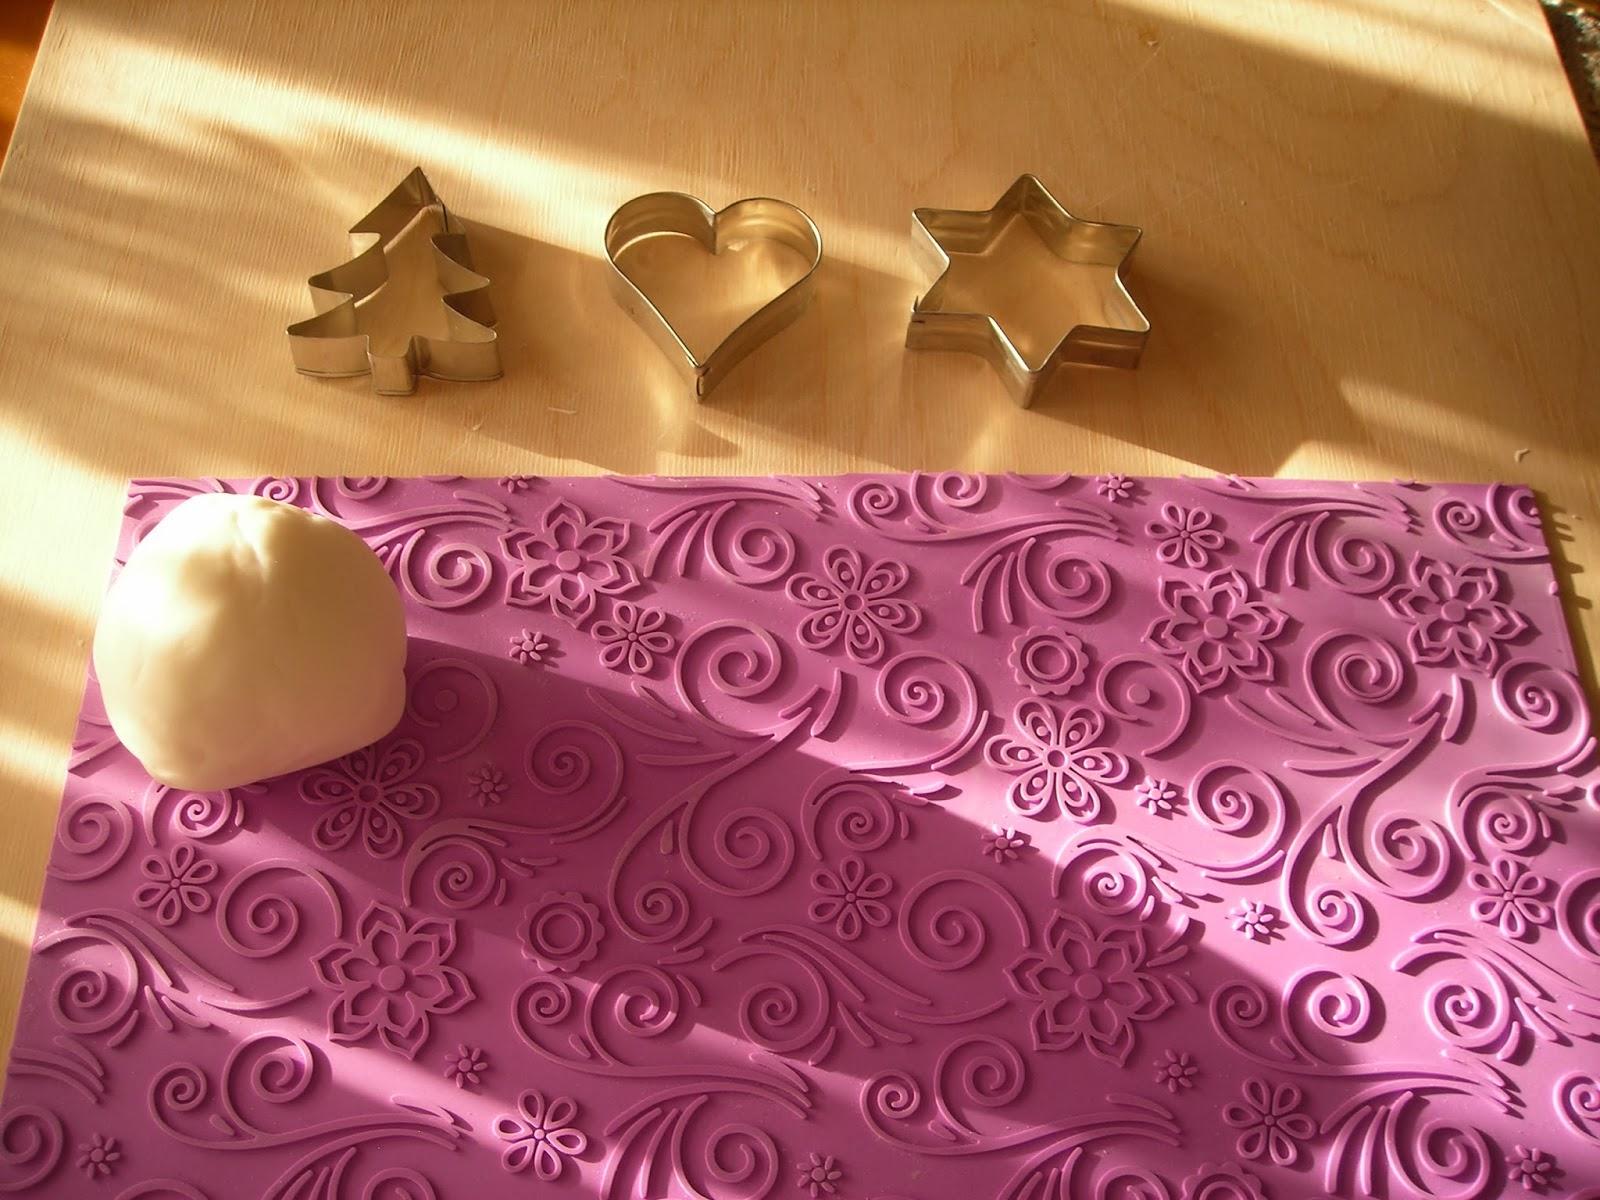 Le torte di mamma rita decorazioni natalizie in pasta di for Pasta di zucchero decorazioni